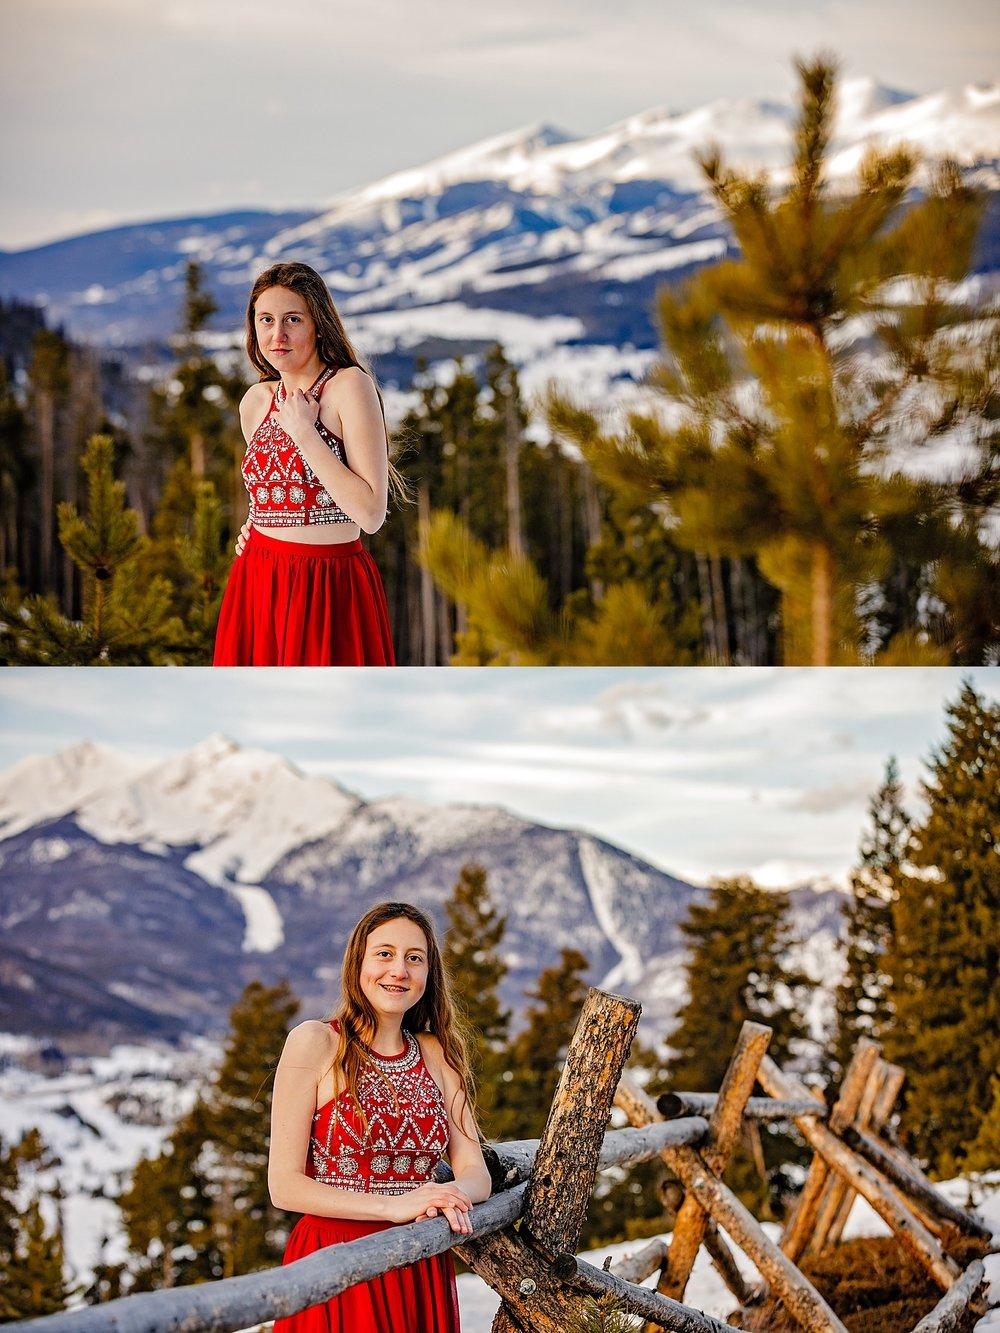 Copper Mountain Breckenridge Colorado senior portrait destination snowboard photographer Sapphire Point Lake Dillon